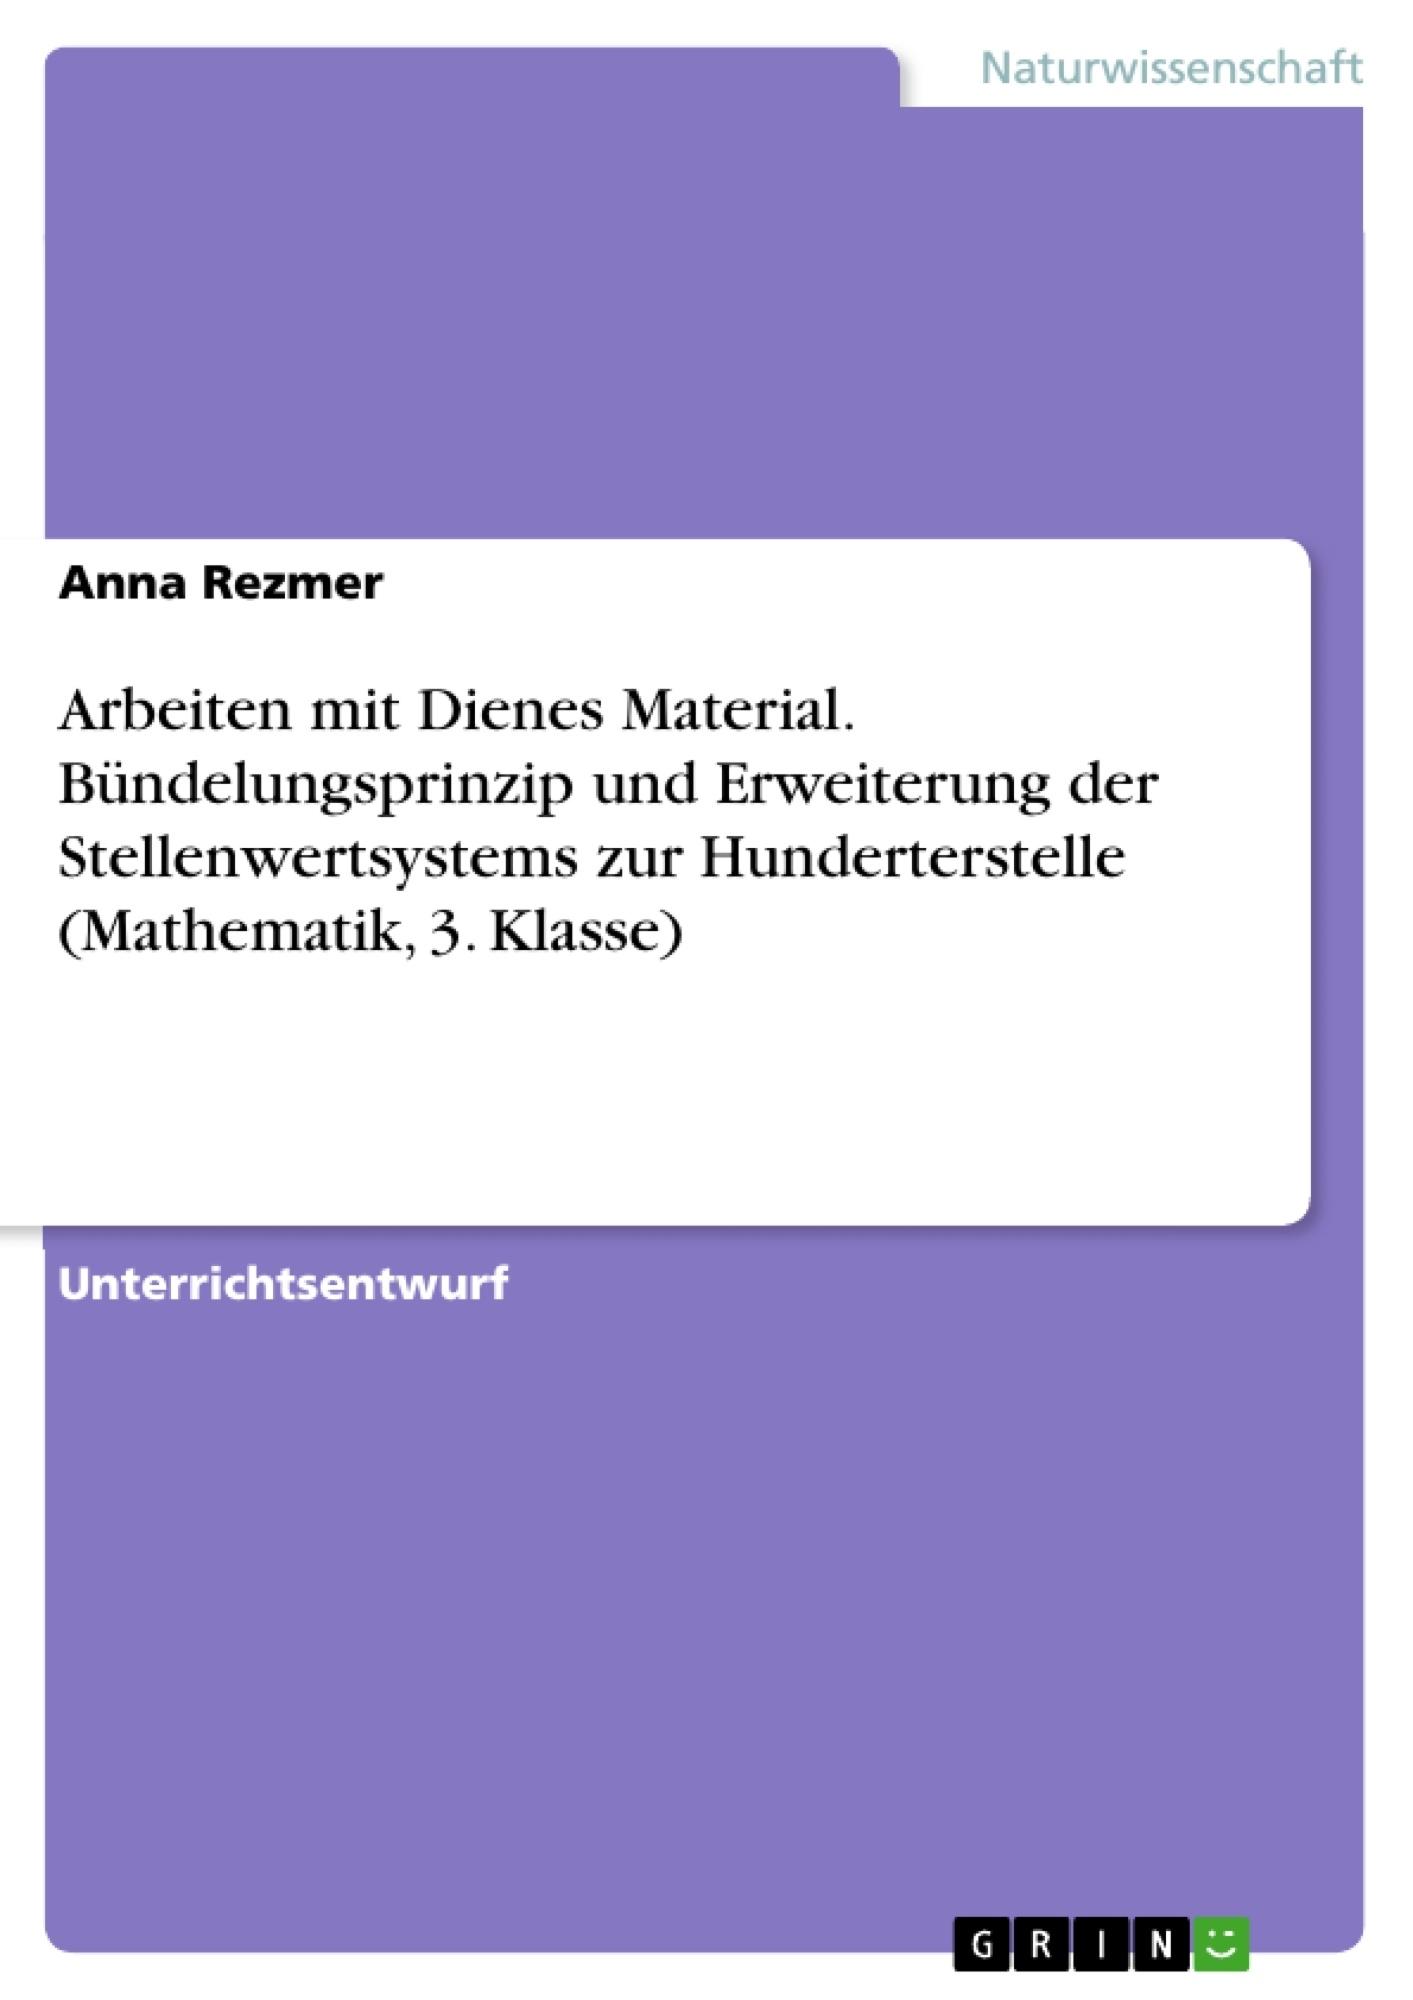 Titel: Arbeiten mit Dienes Material. Bündelungsprinzip und Erweiterung der Stellenwertsystems zur Hunderterstelle (Mathematik, 3. Klasse)